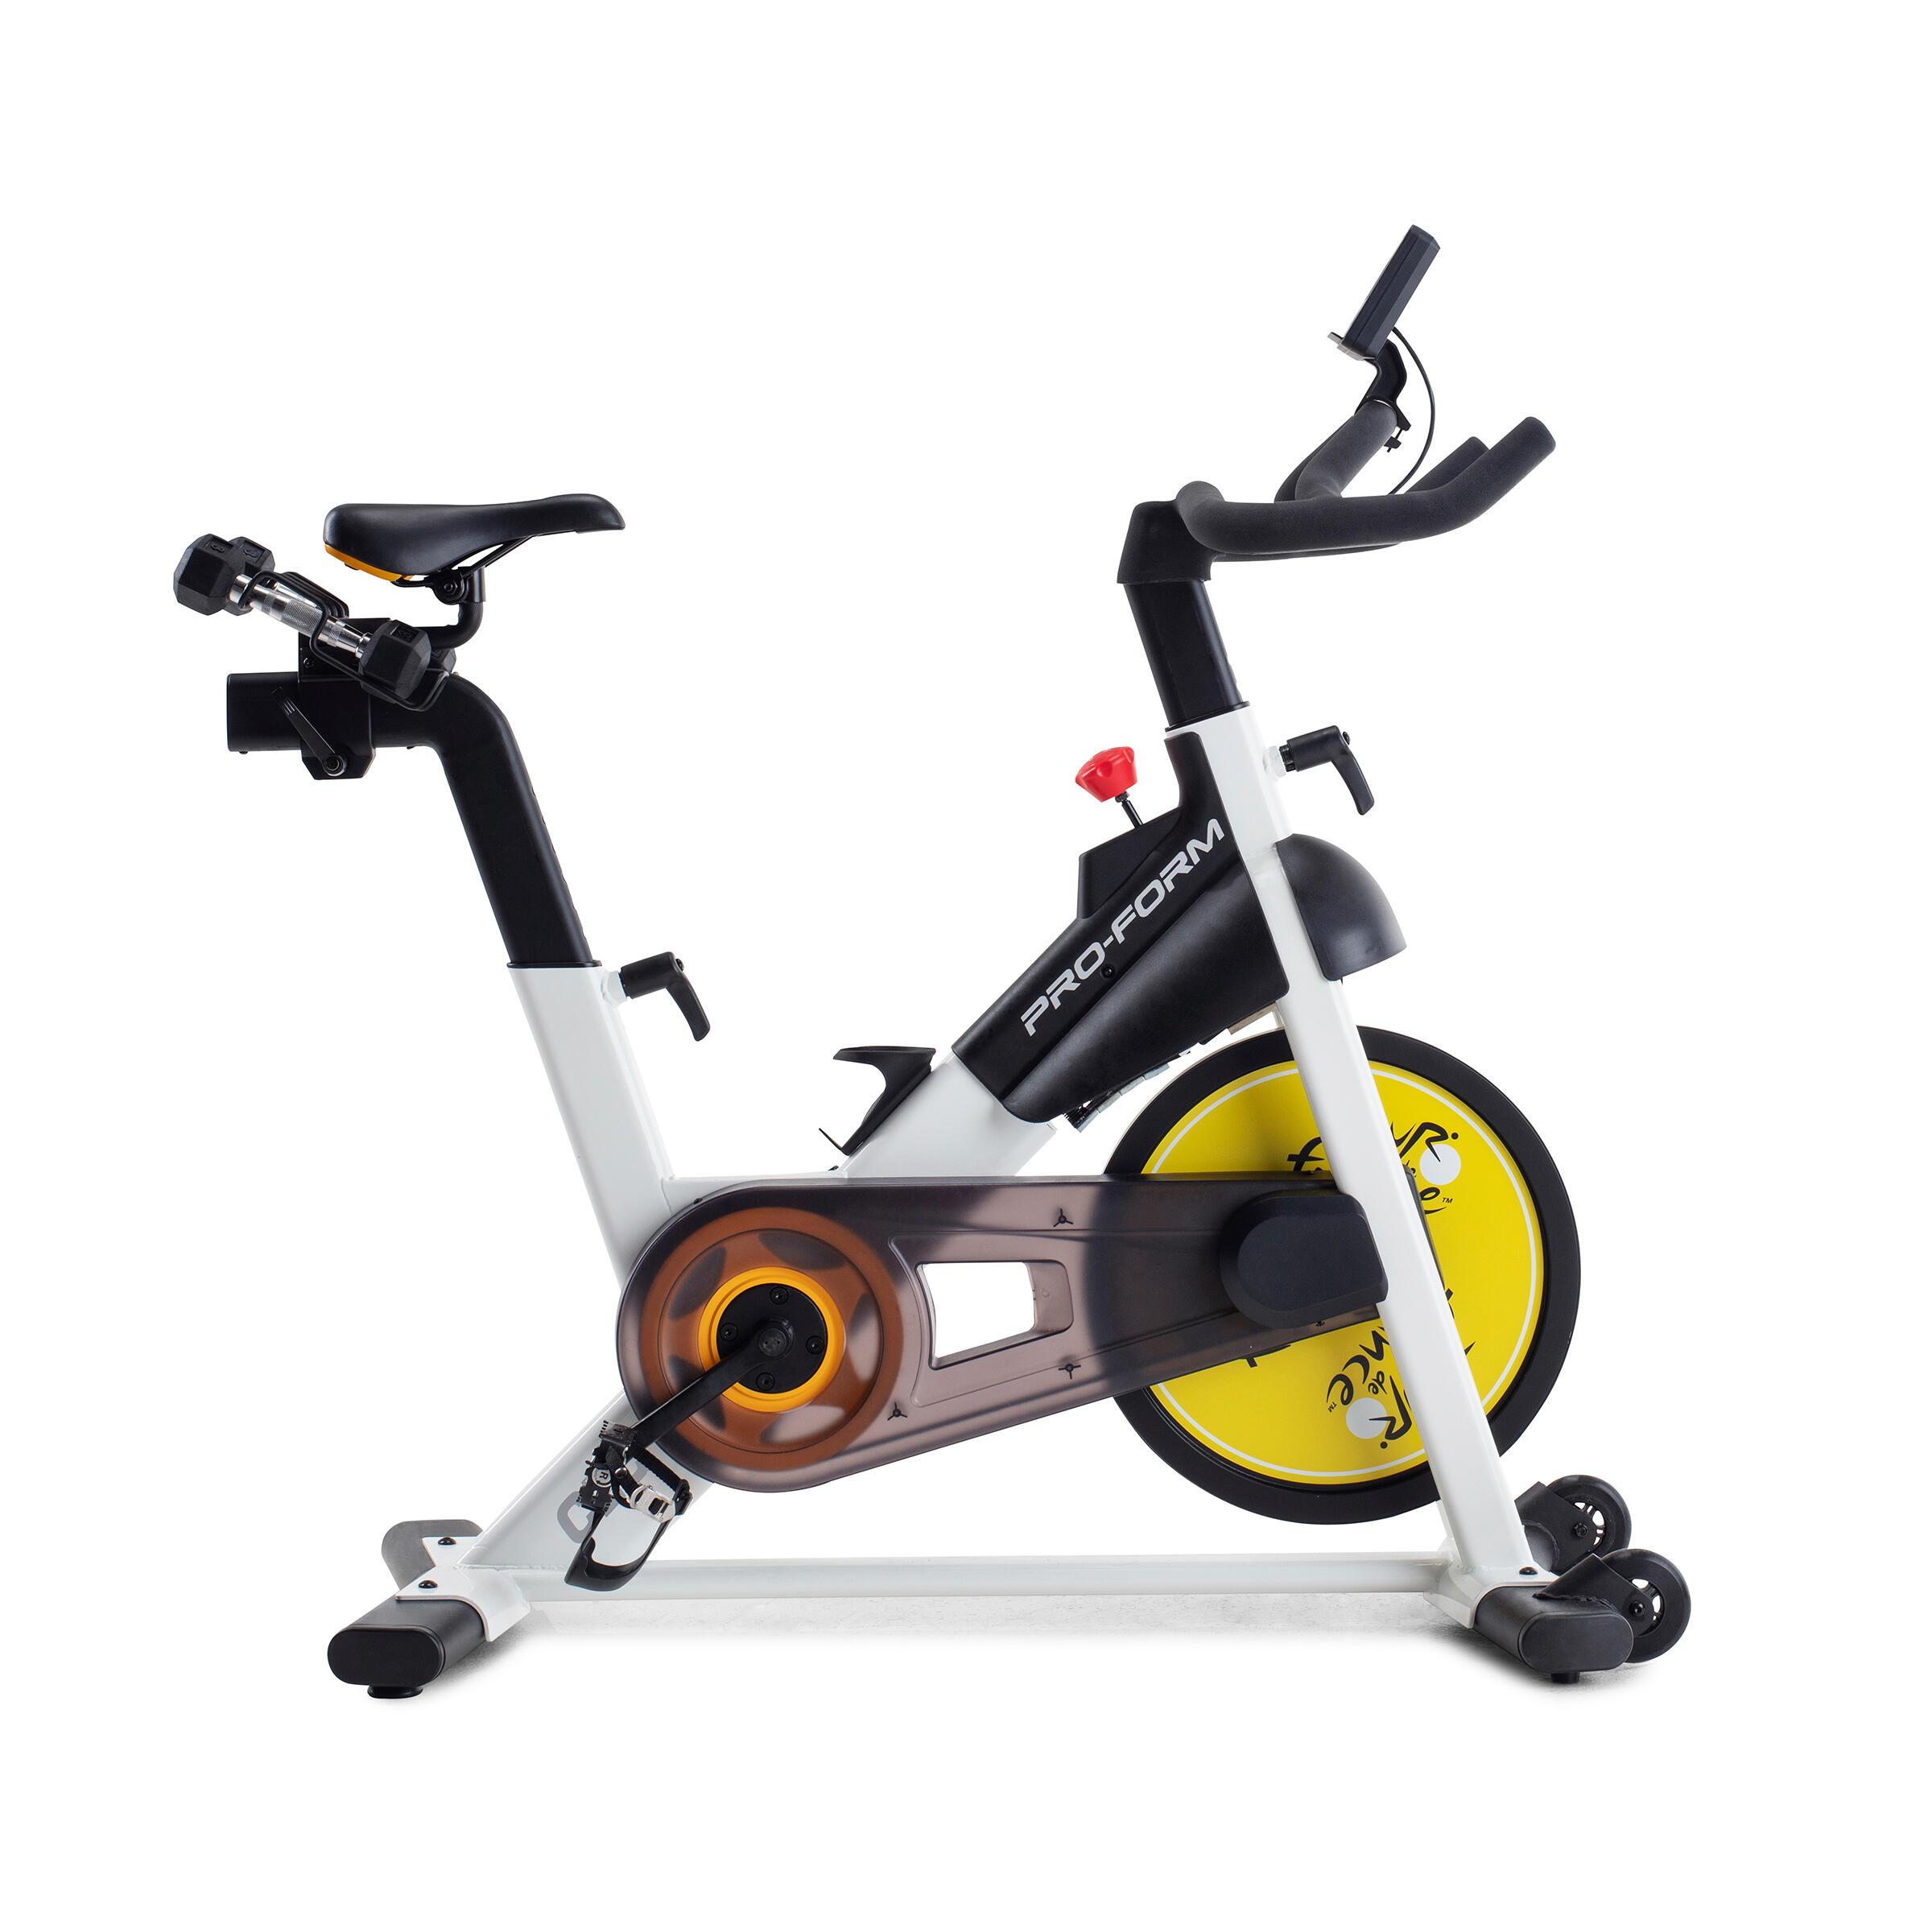 Bicicleta ciclo indoor Proform Tour de France CLC